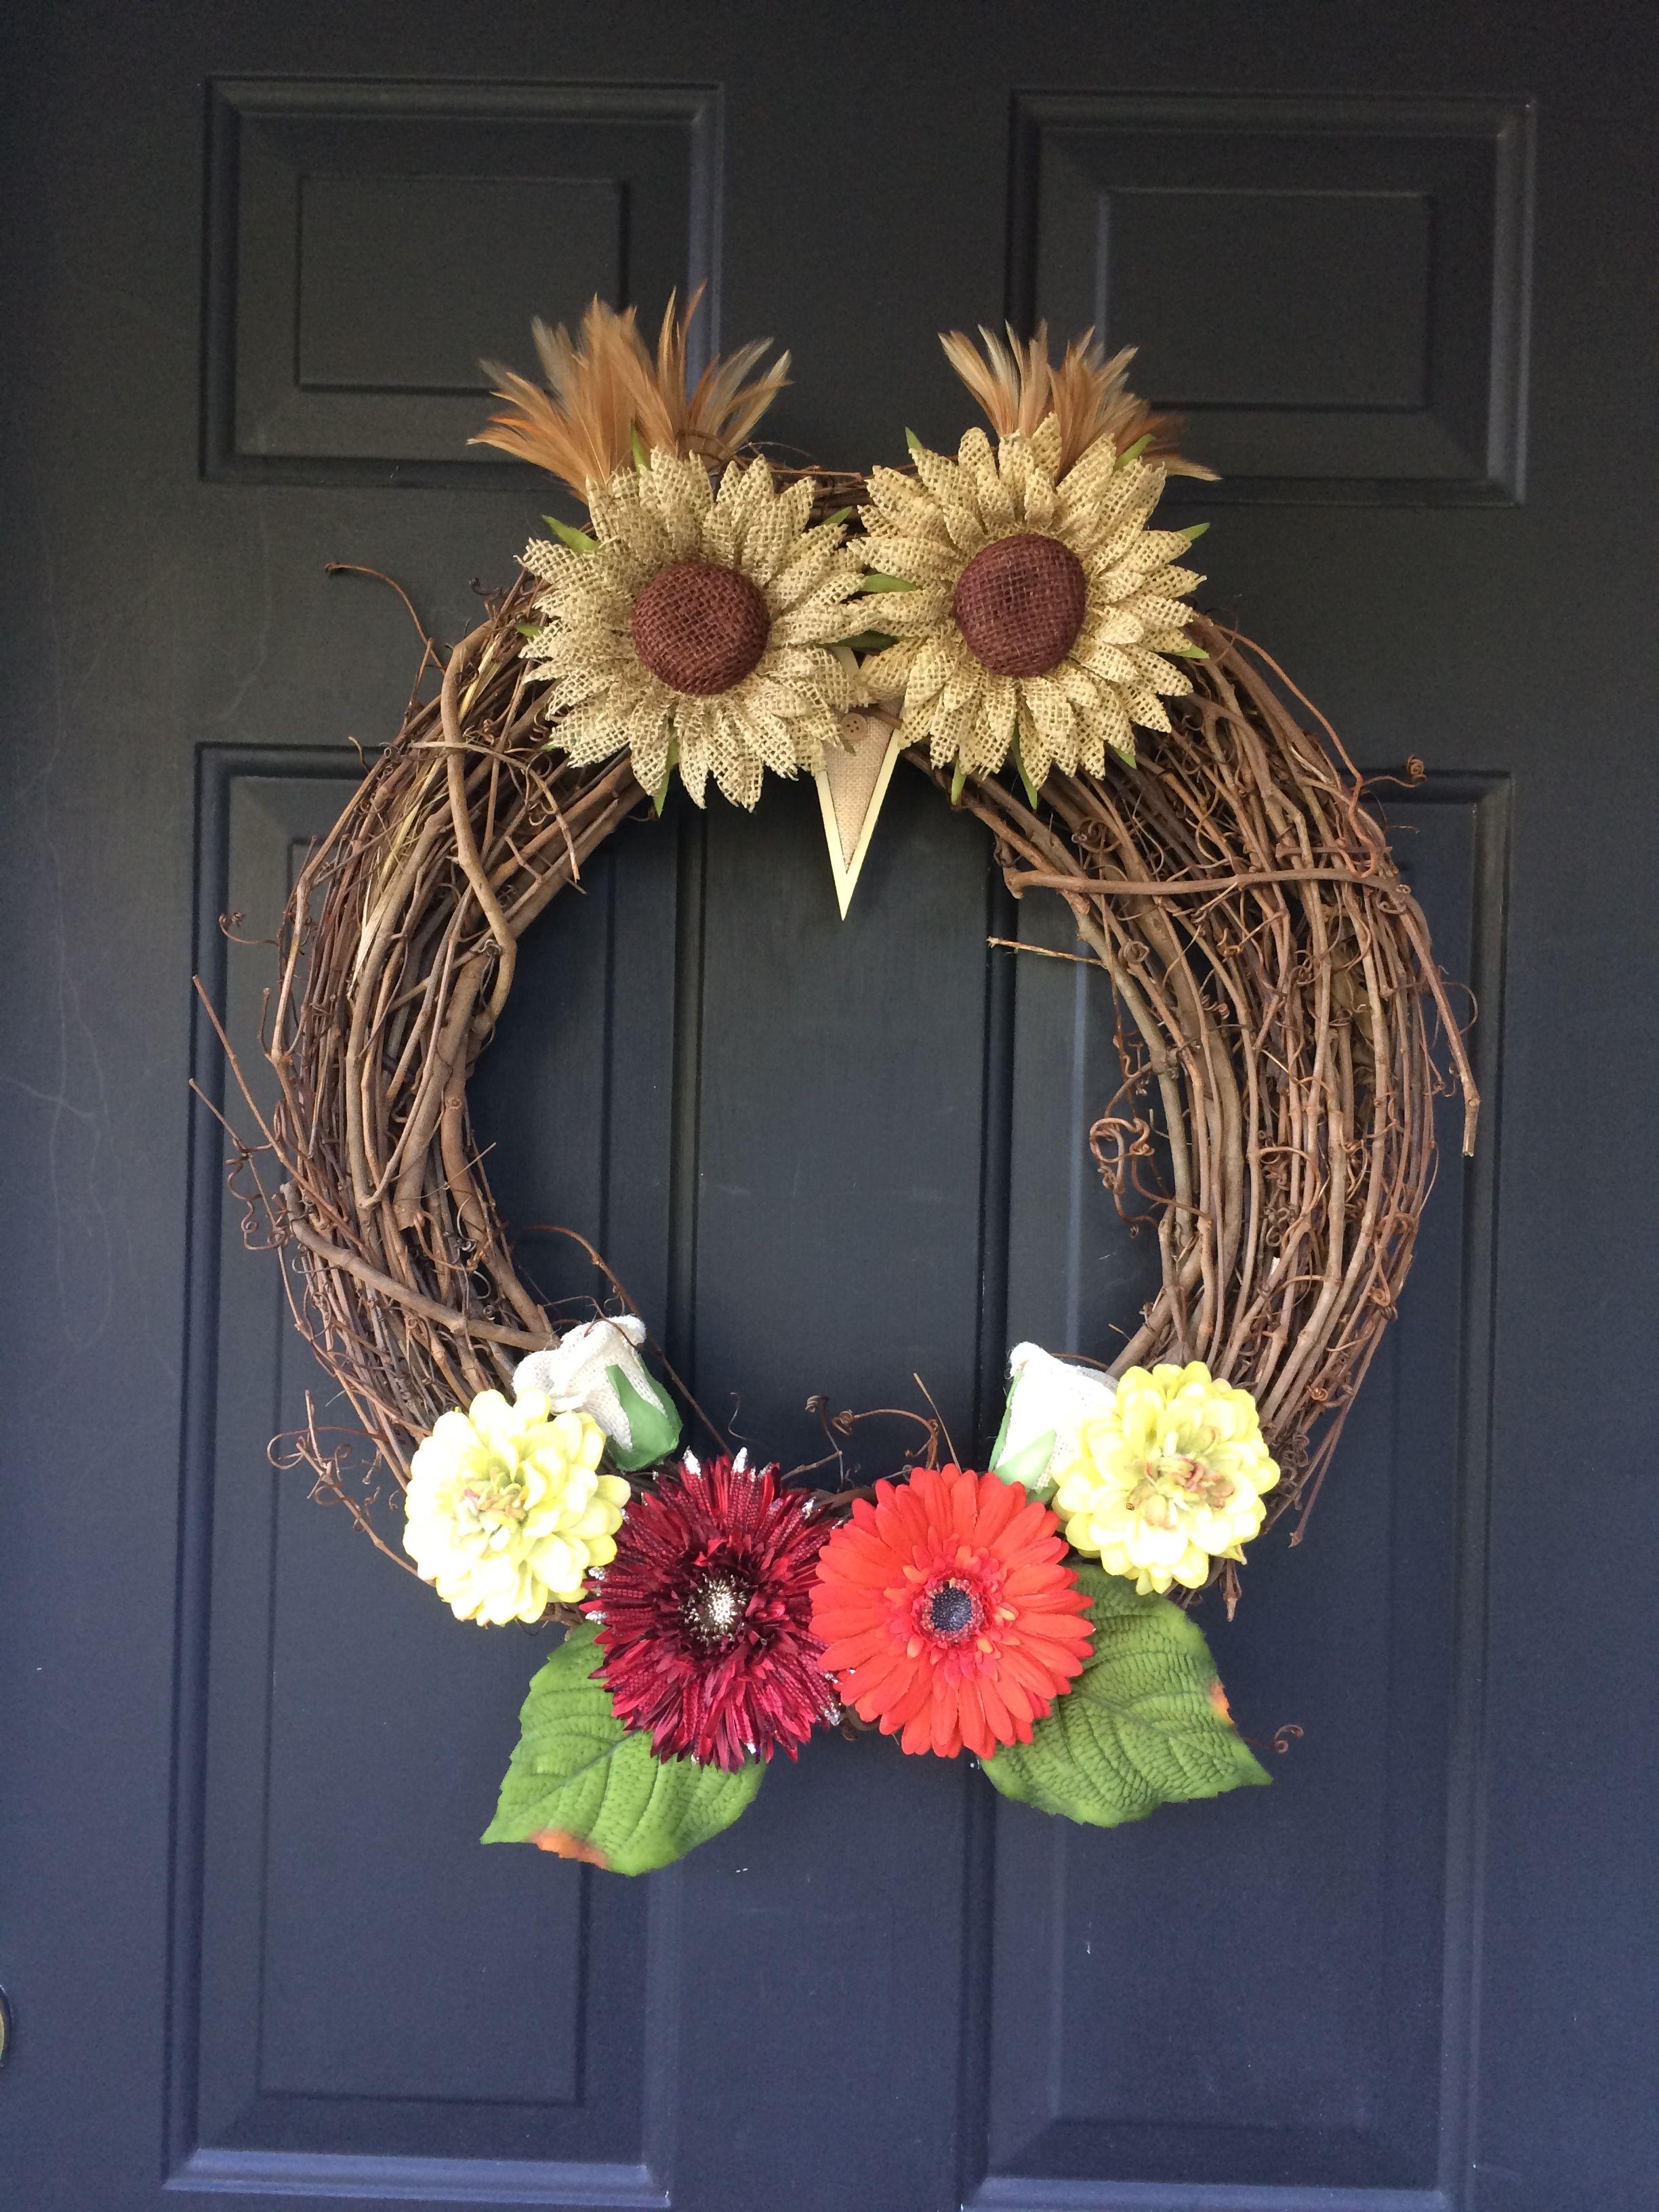 Diy Fall Season Owl Wreath Materials From Hobby Lobby Owl Wreaths Material Wreaths Owl Decor